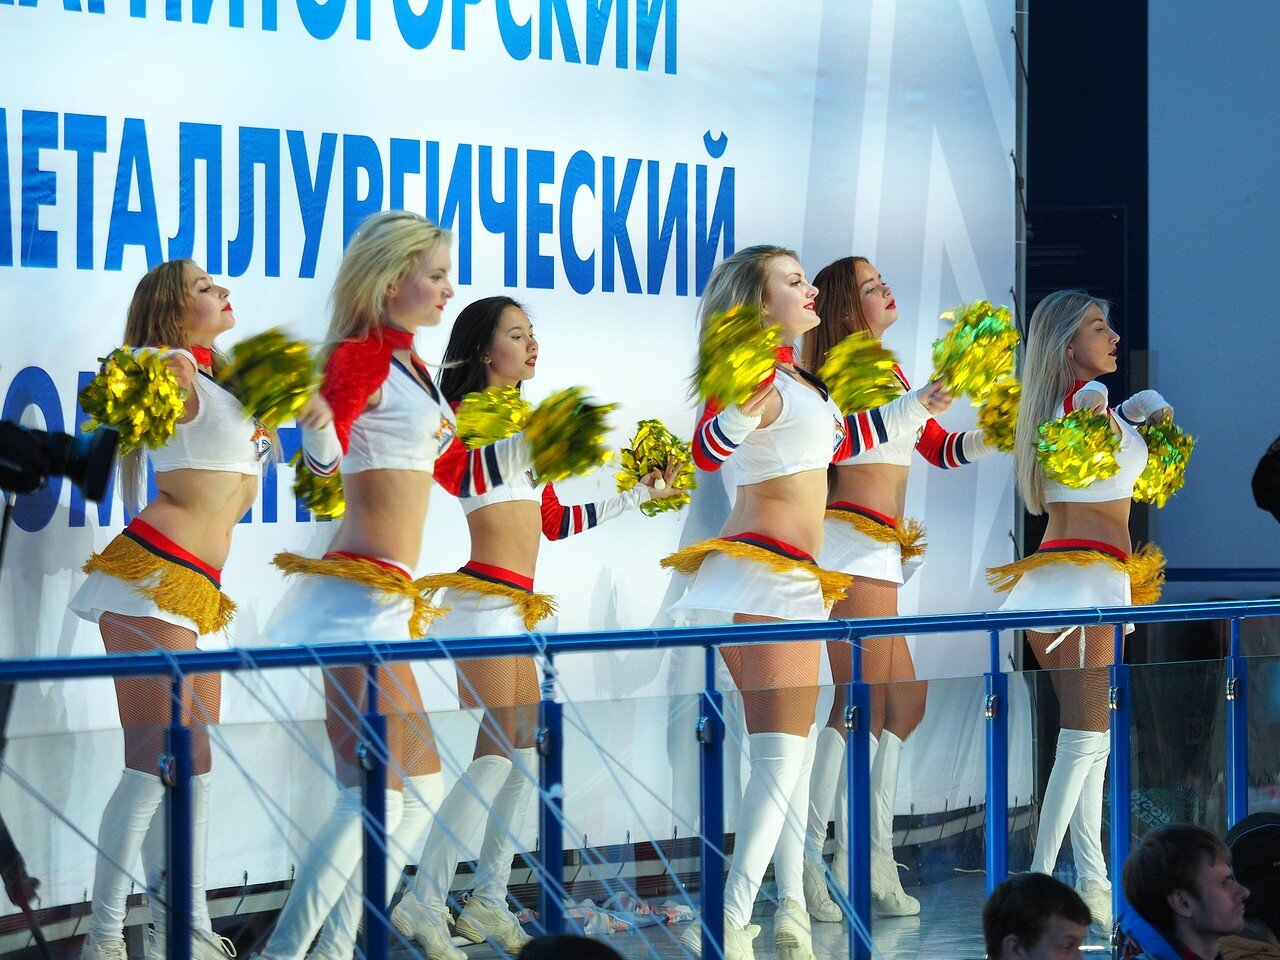 81Металлург - Металлург Новокузнецк 26.10.2016